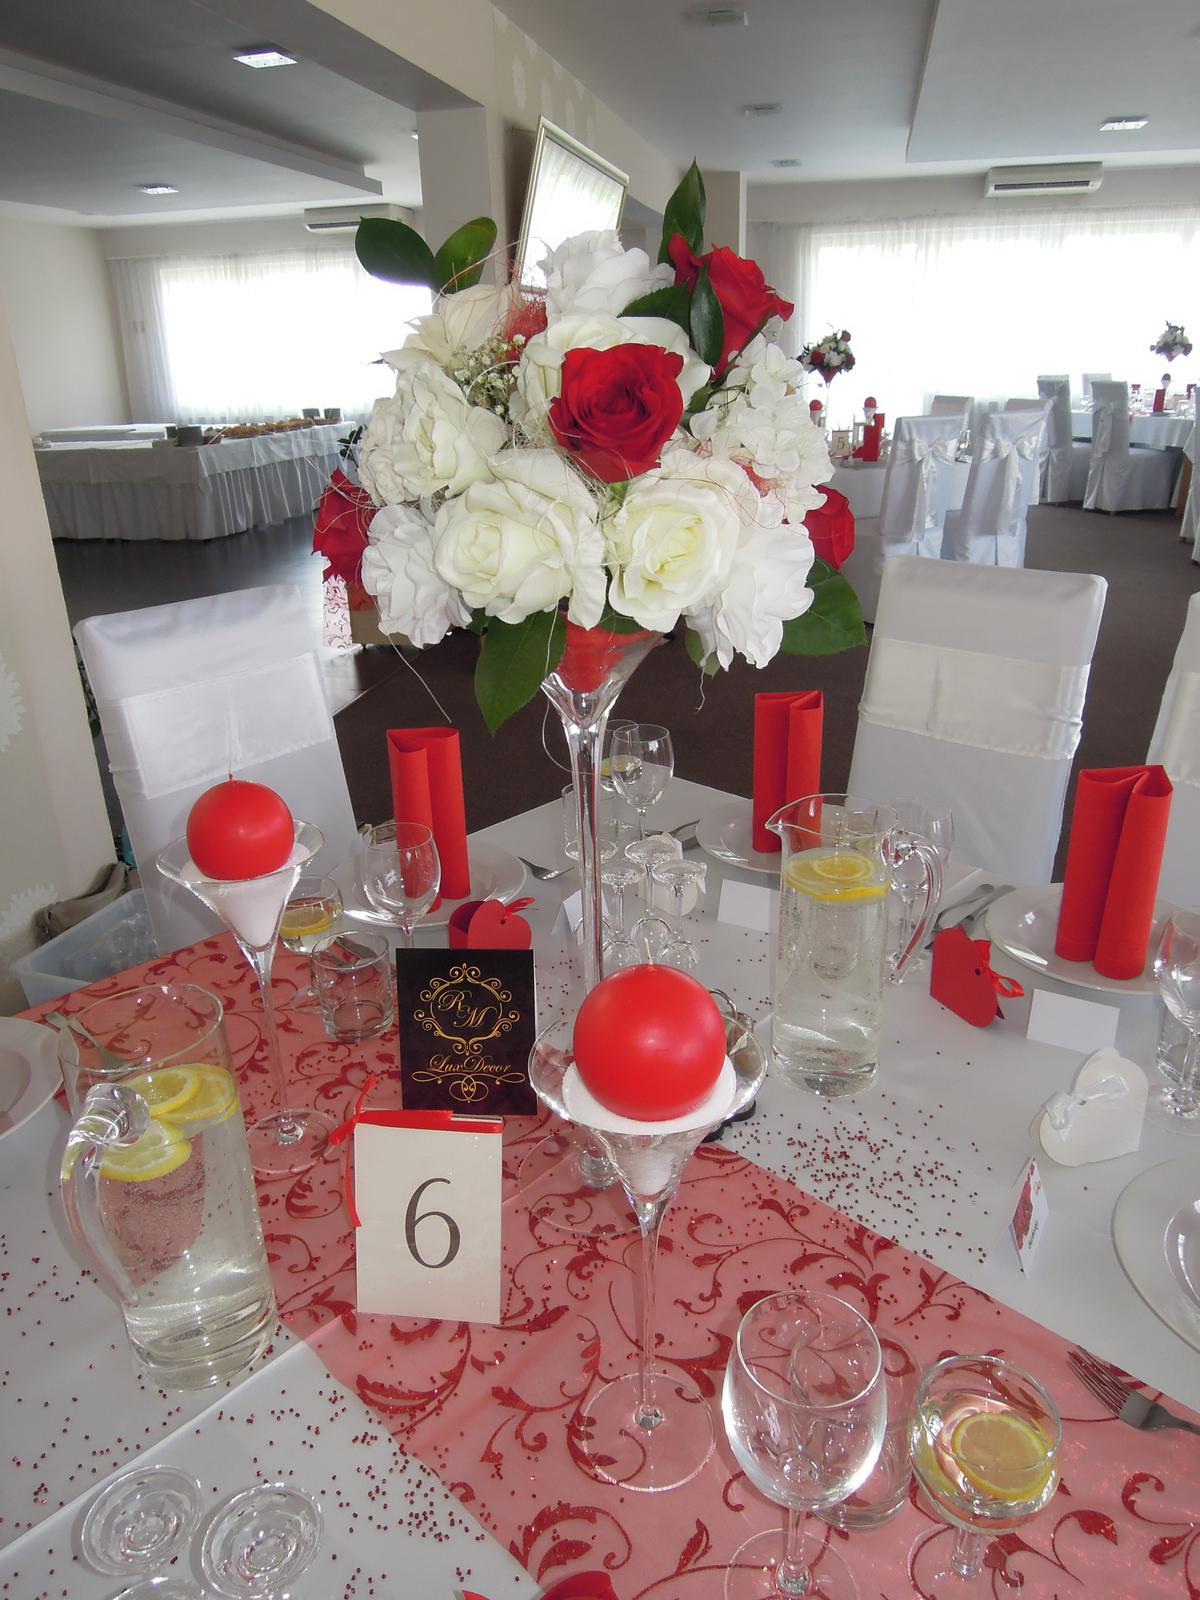 d6a6d843389e Umelé alebo živé kvety ako výzdoba na stôl  - - S...